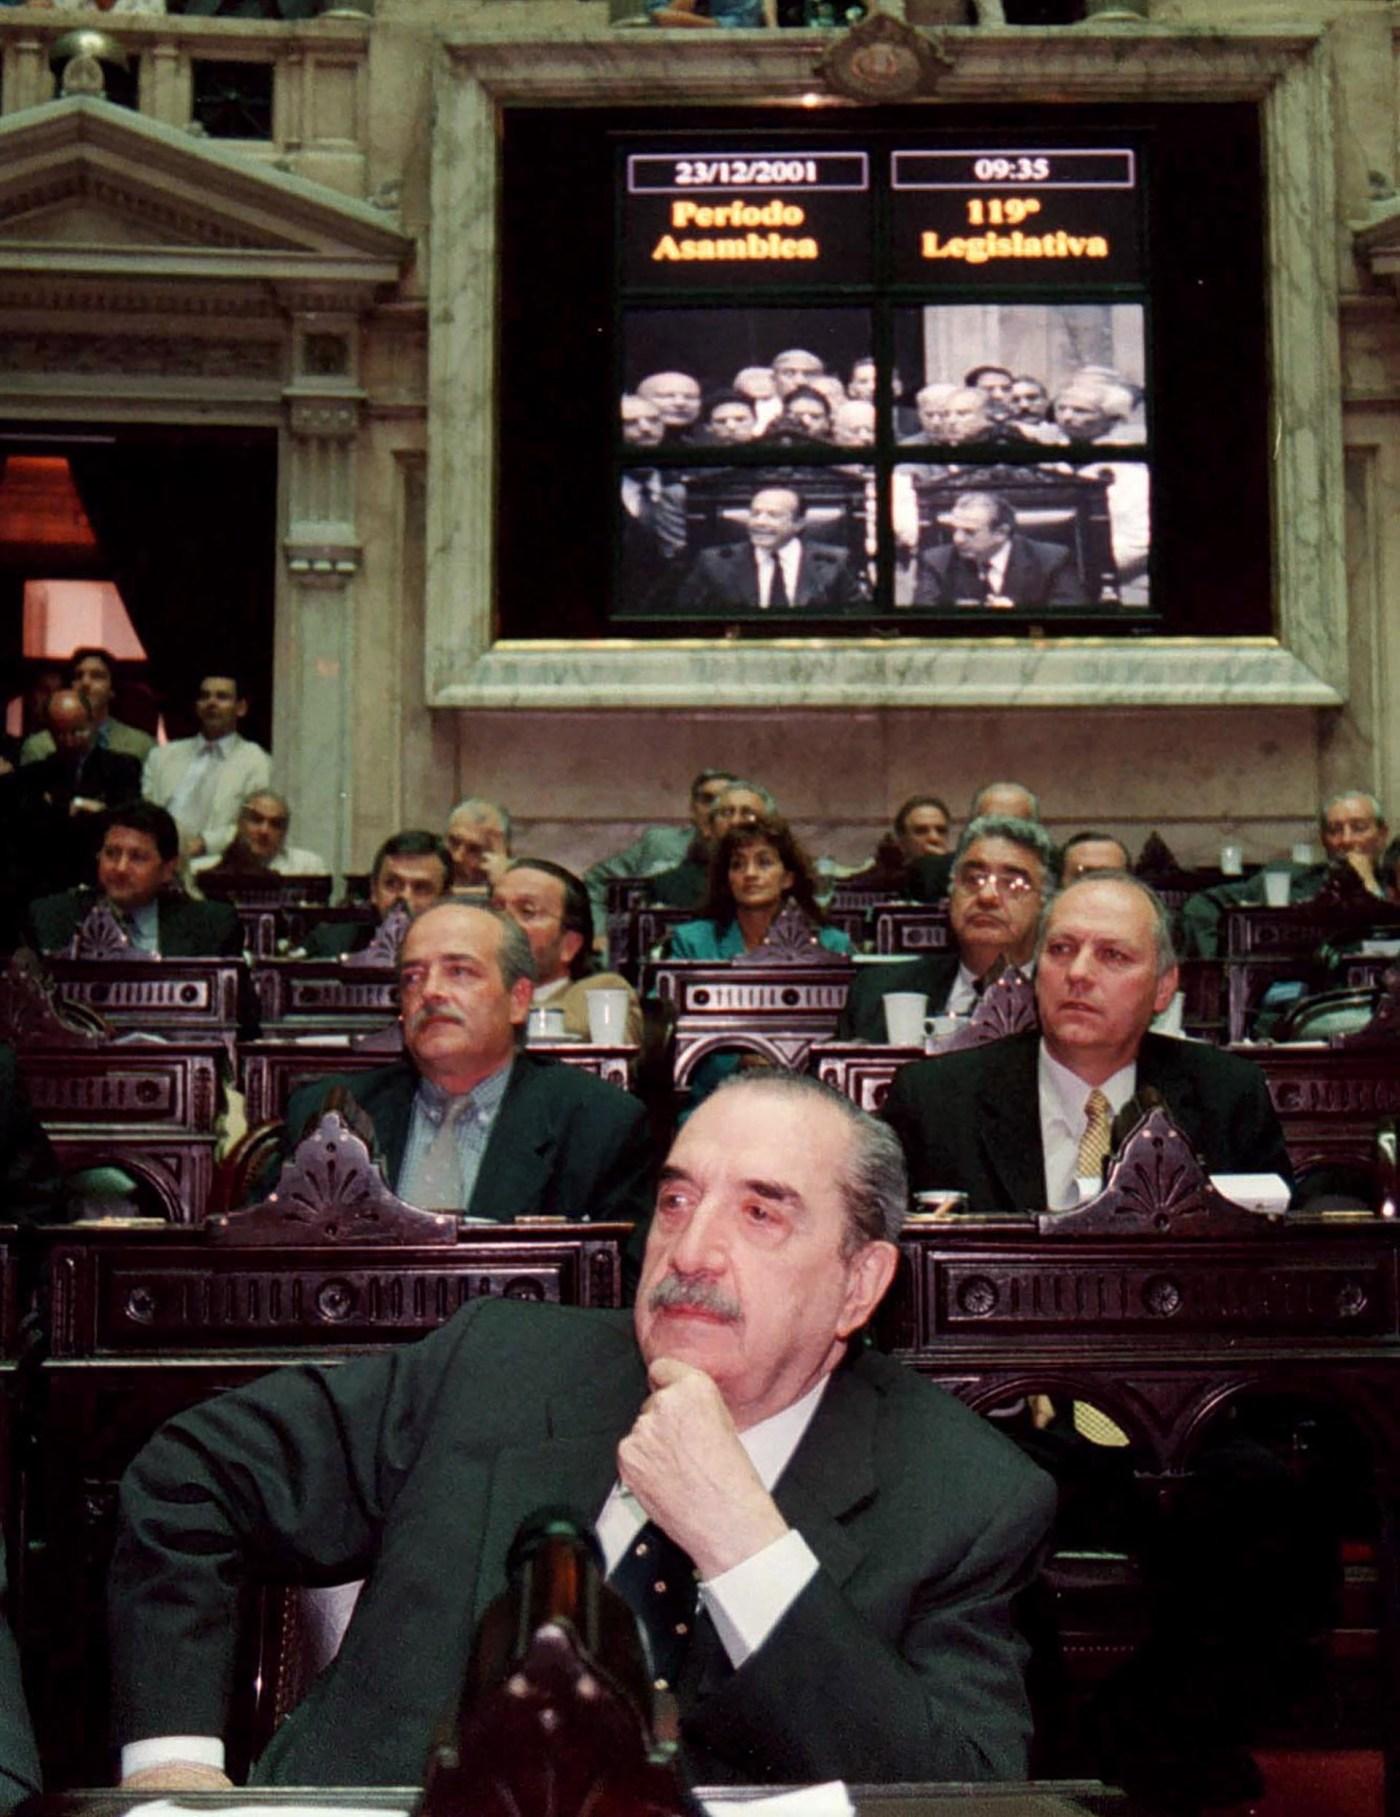 A fines de 2001 ex presidente escucha los anuncios del flamante presidente, Adolfo Rodríguez Saá, luego de la ceremonia de juramento realizada en el recinto del Congreso